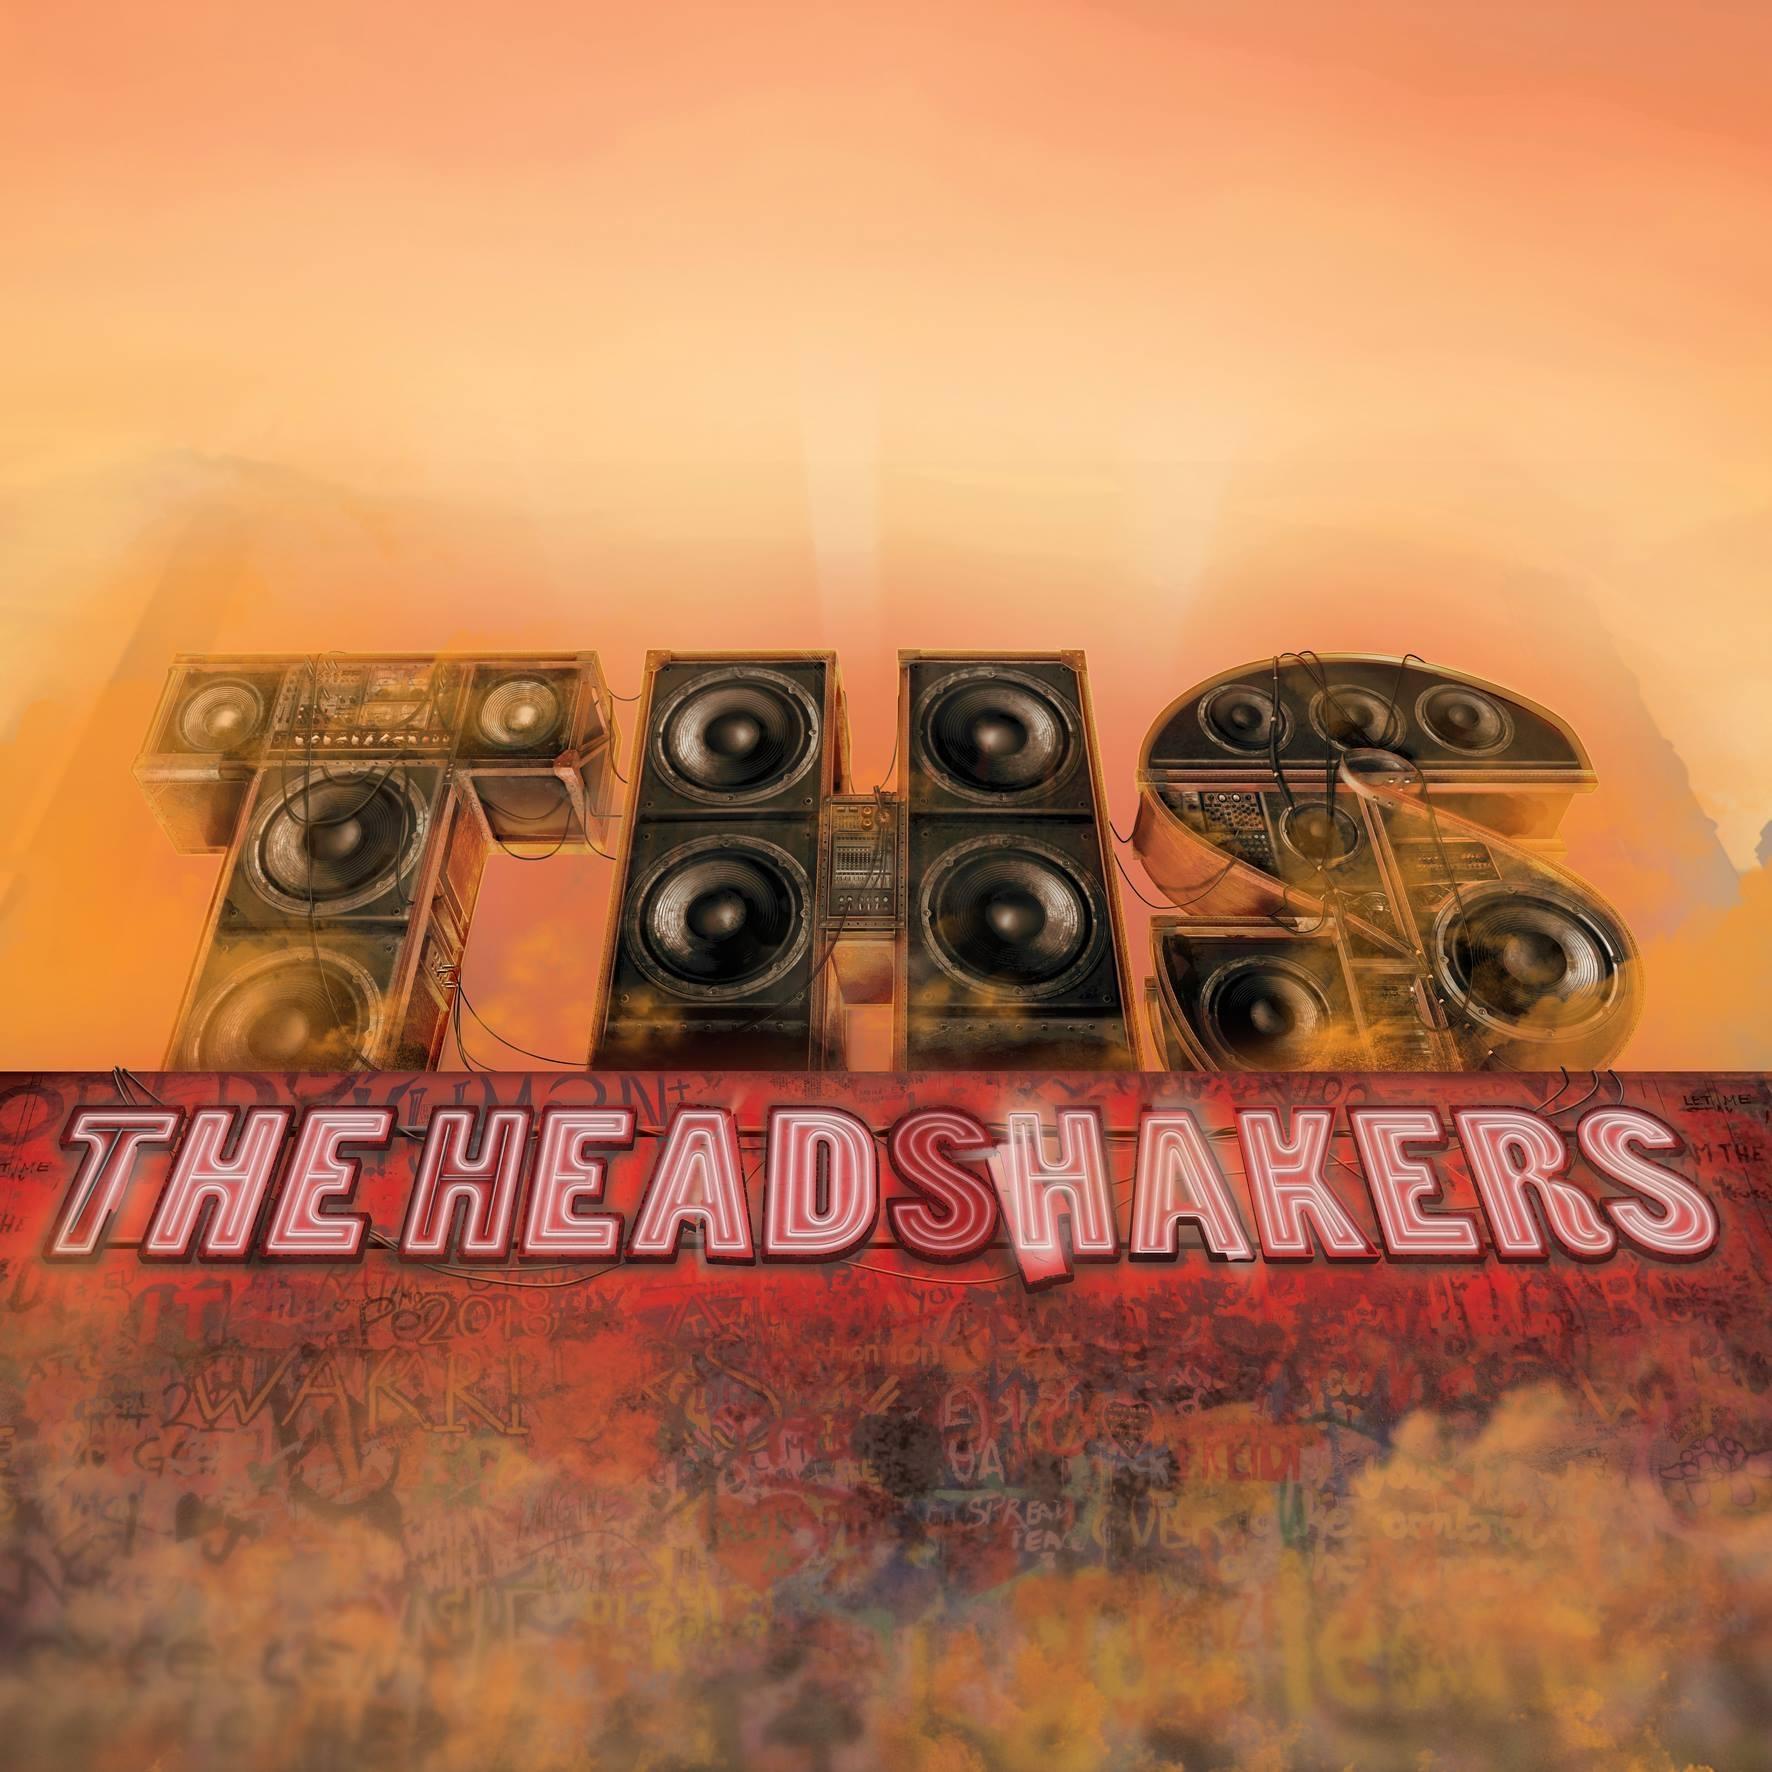 THE HEADSHAKERS - The Headshakers